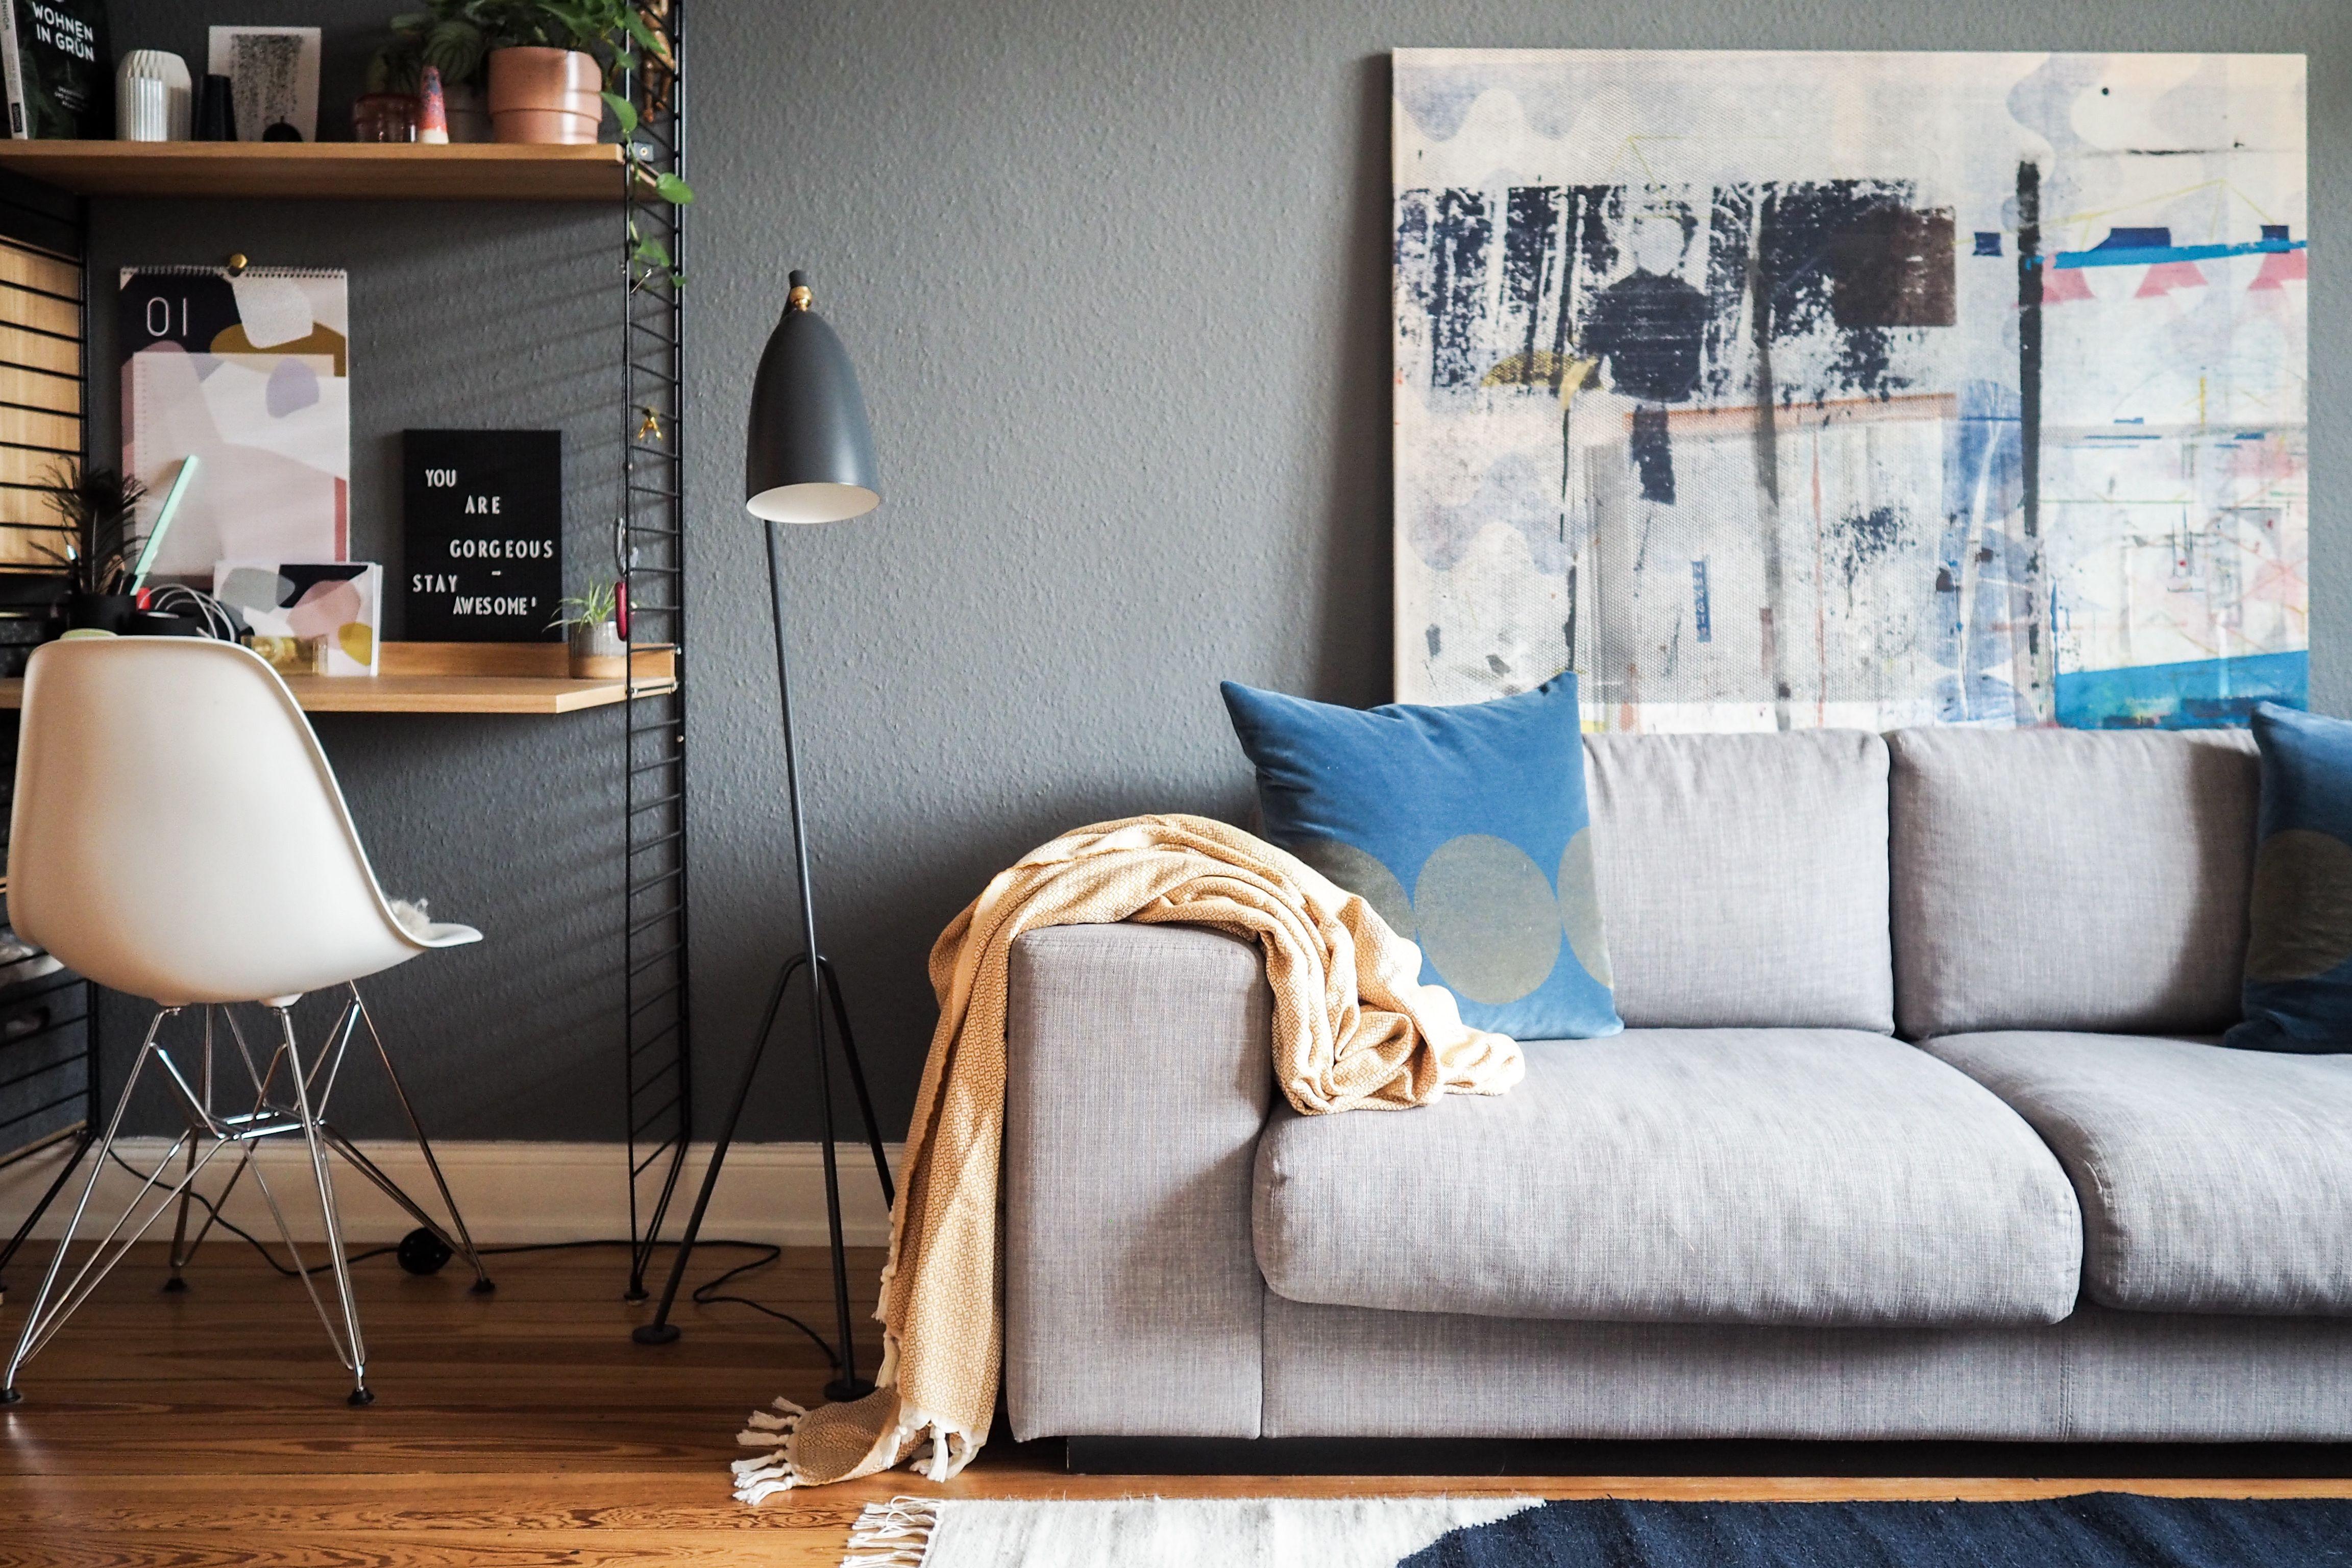 Ausgezeichnet Wie Mein Zuhause Interieur Design Galerie - Images for ...